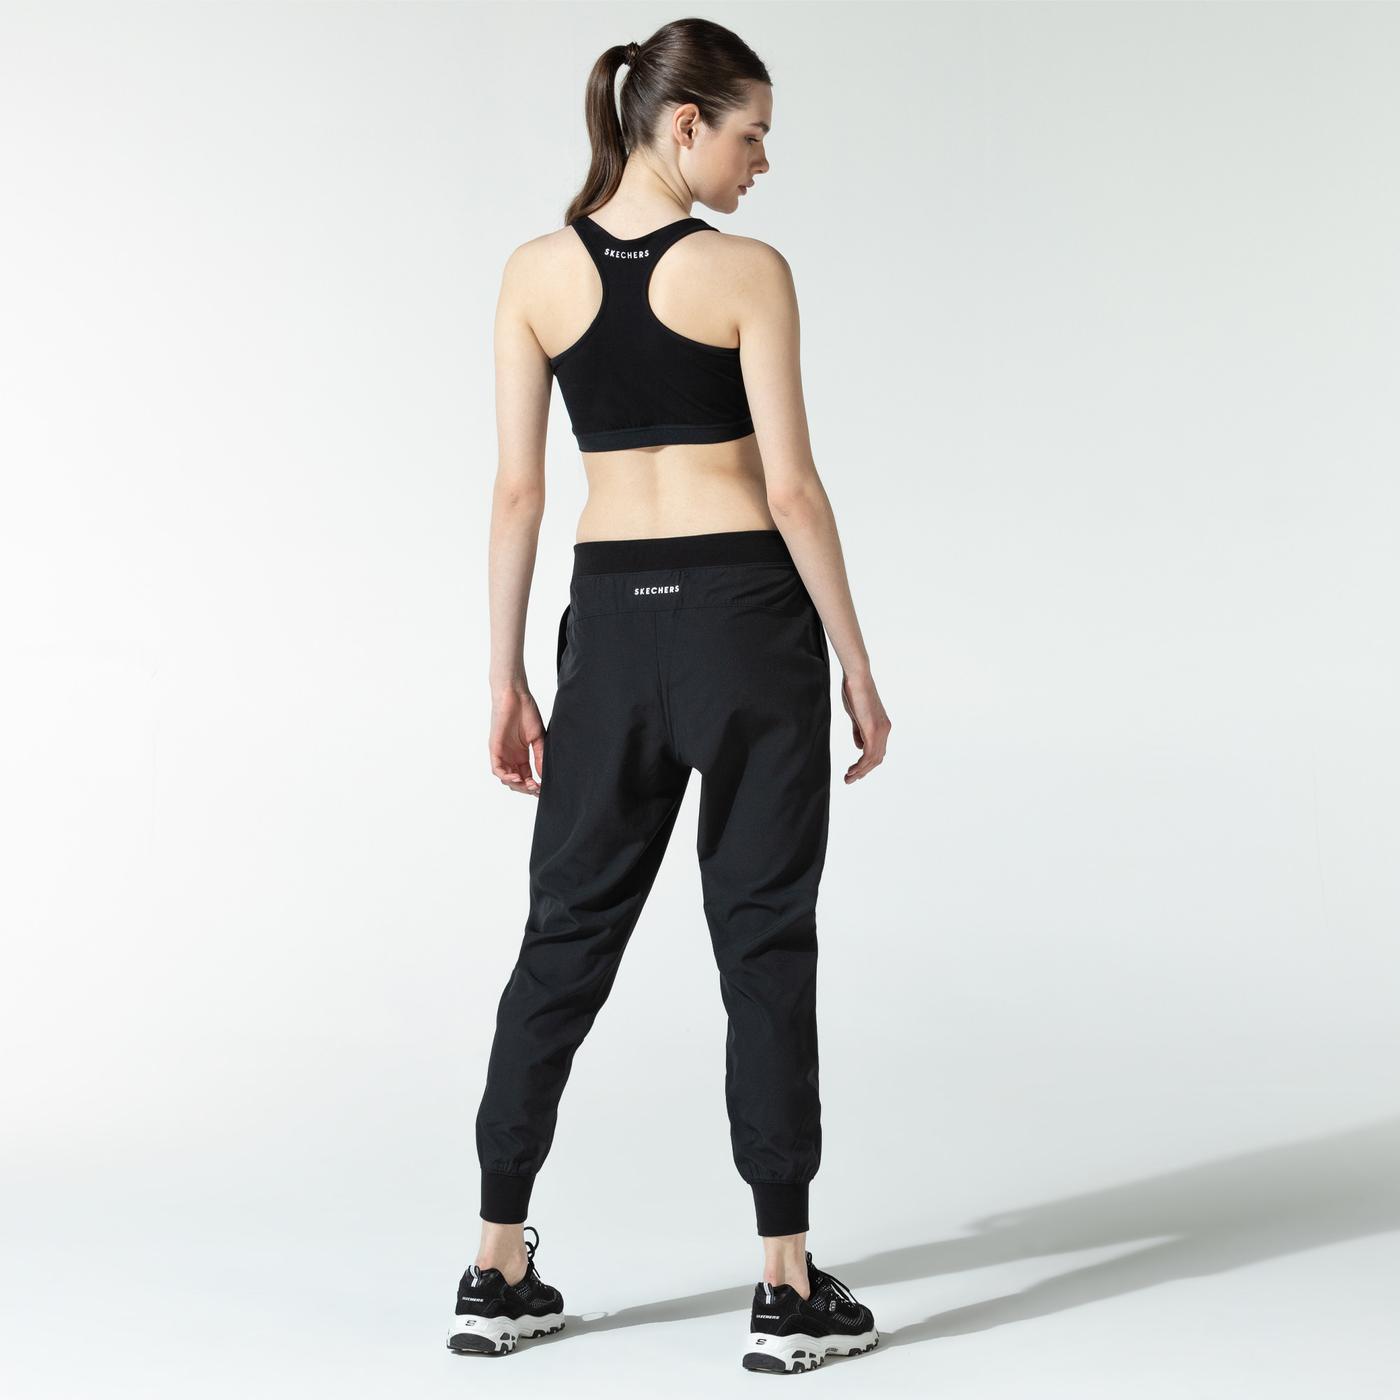 Skechers Micro Kadın Siyah Eşofman Altı